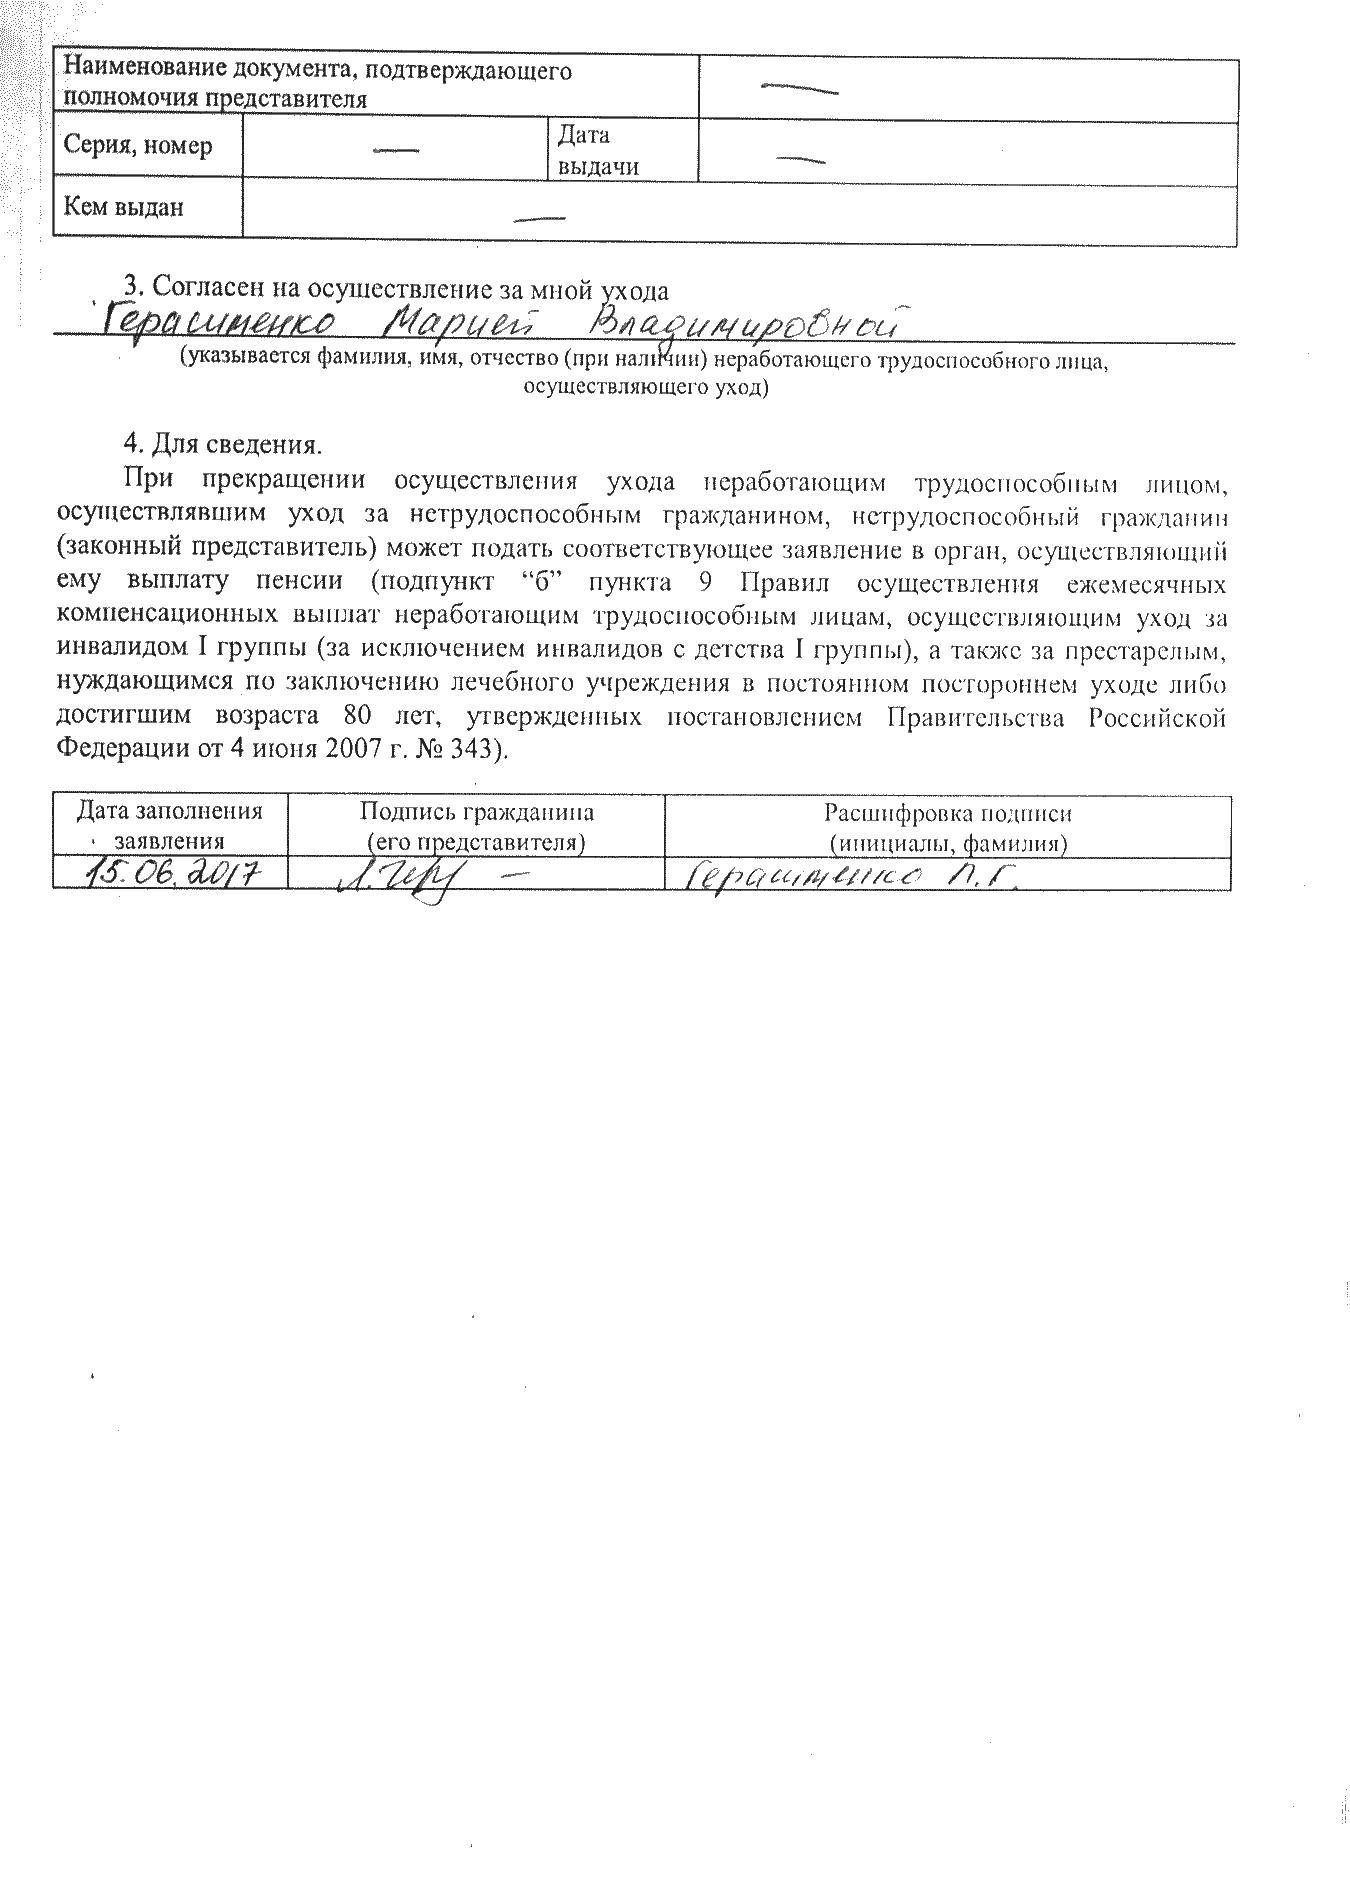 Образец заполнения заявления на согласие на уход